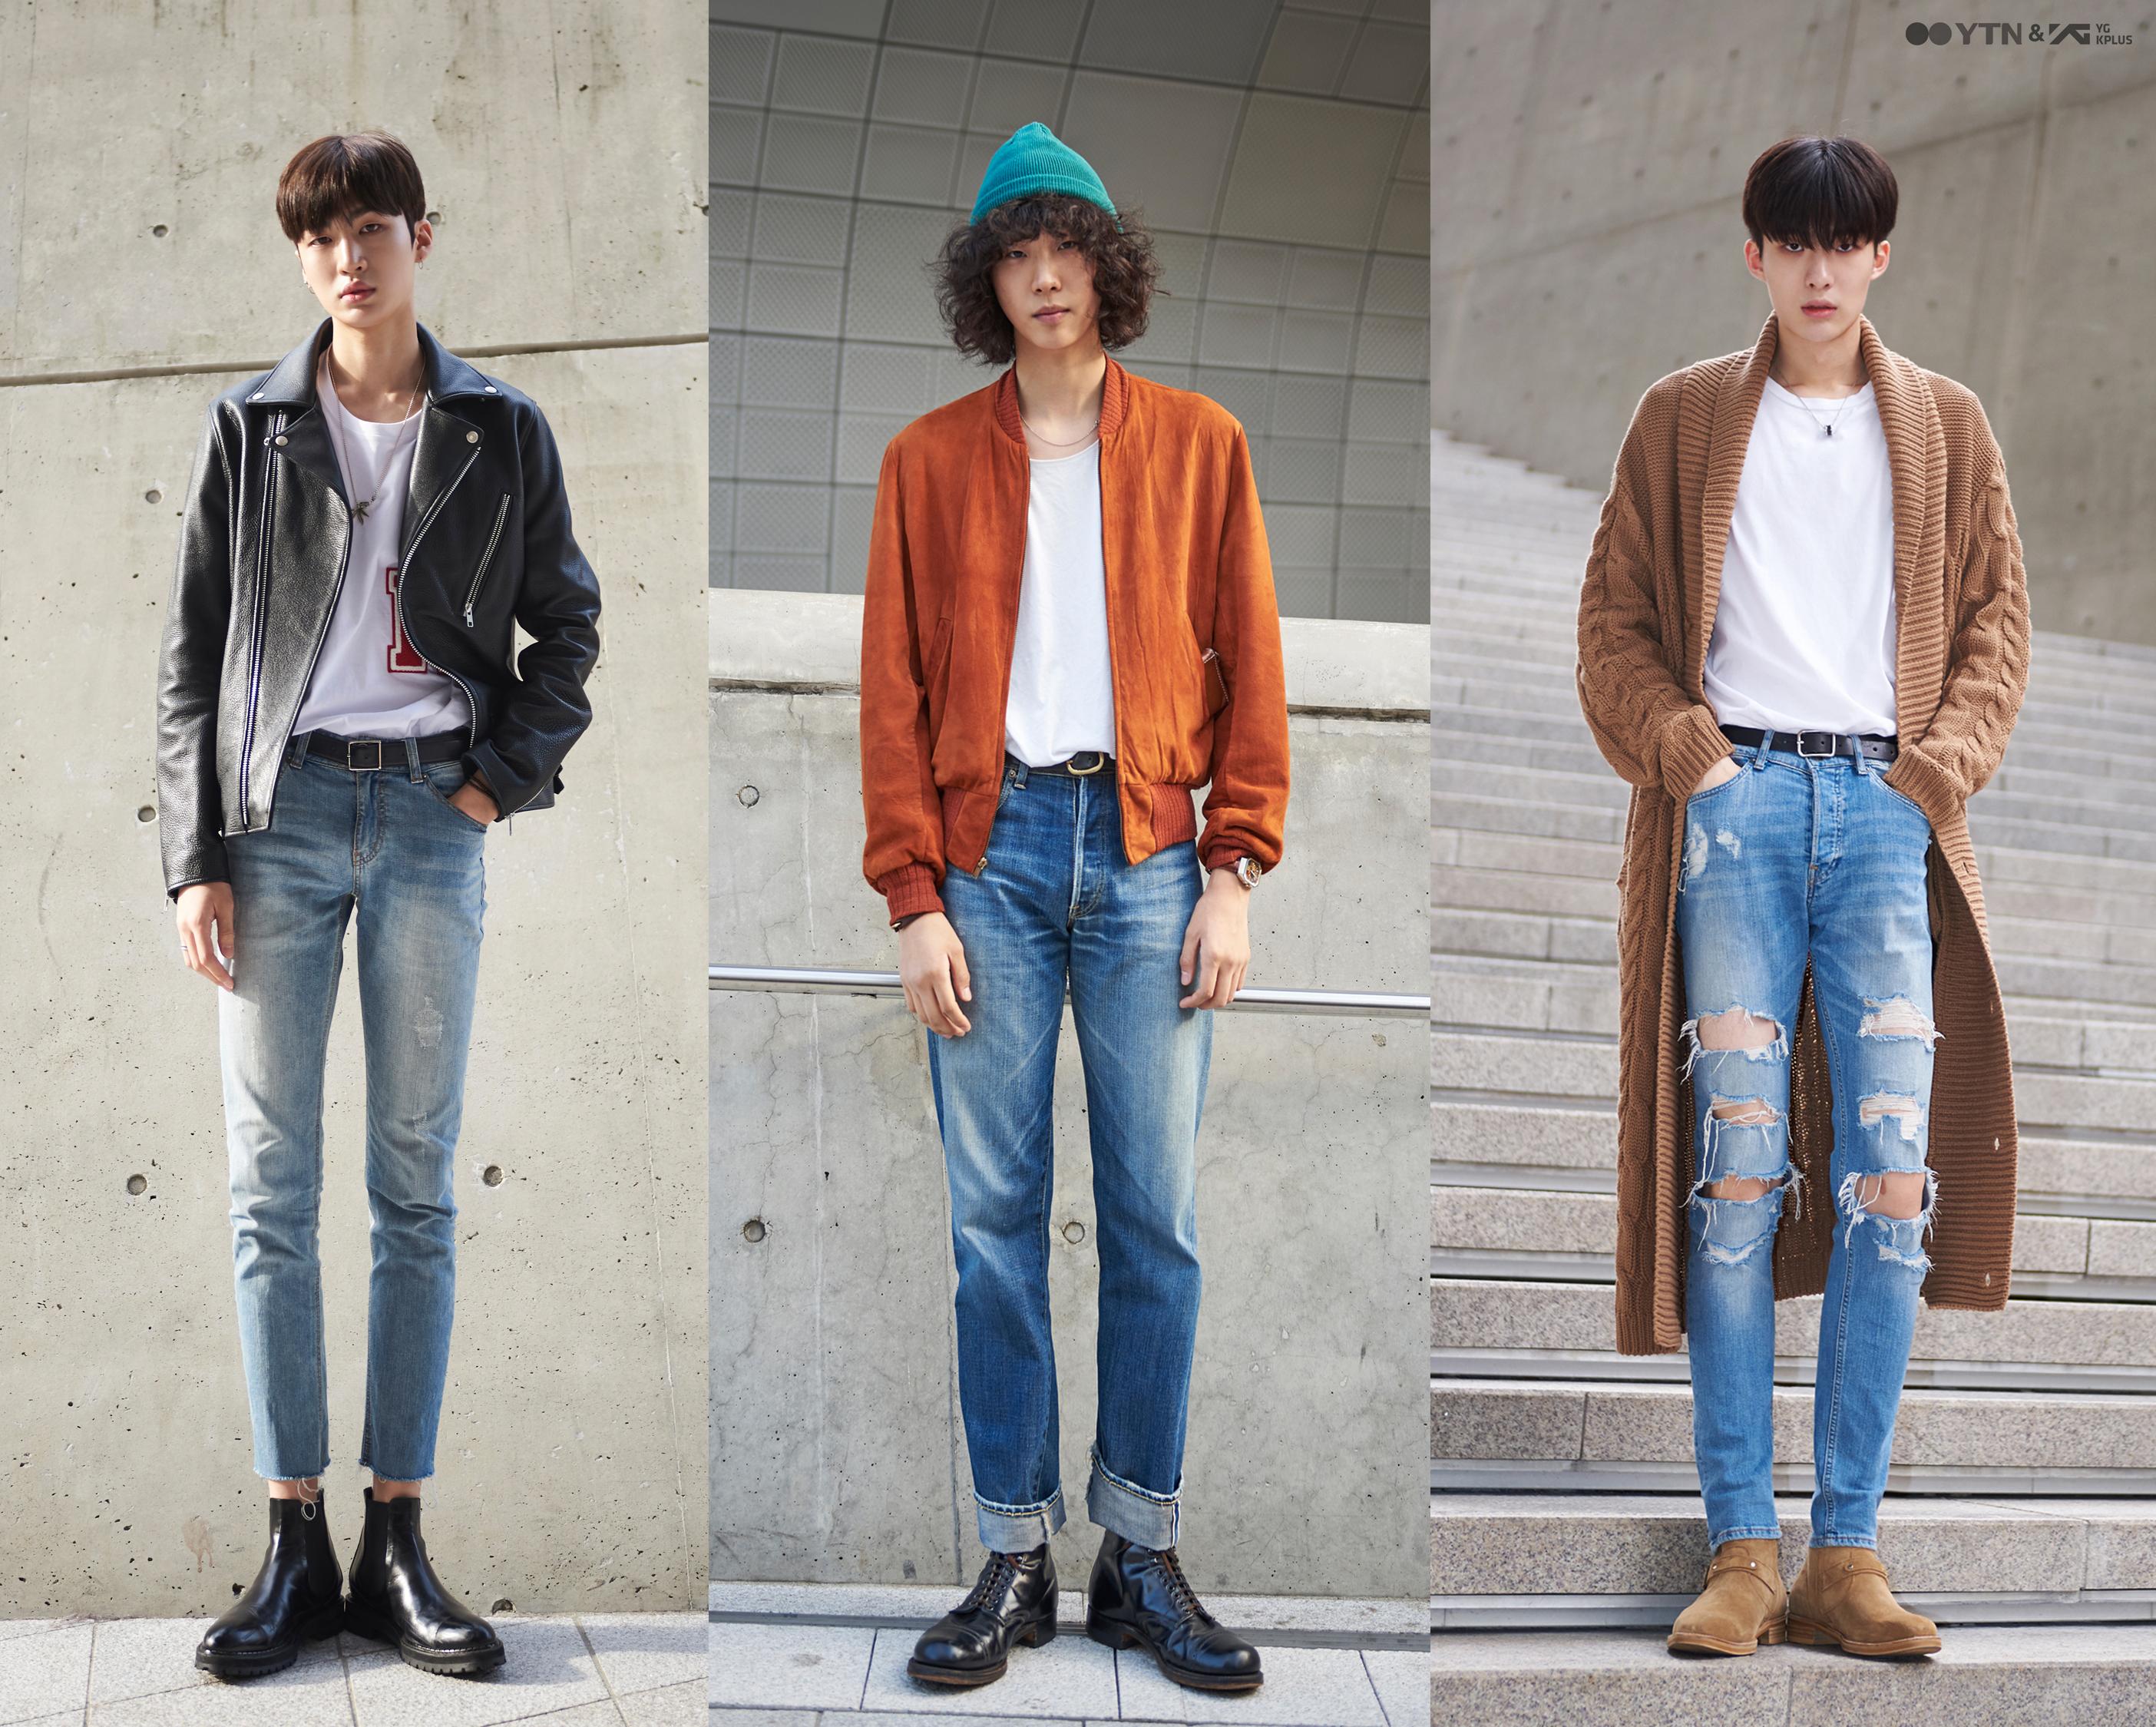 '데님이 잘 어울리는 남자' 모델들의 스타일 대결!